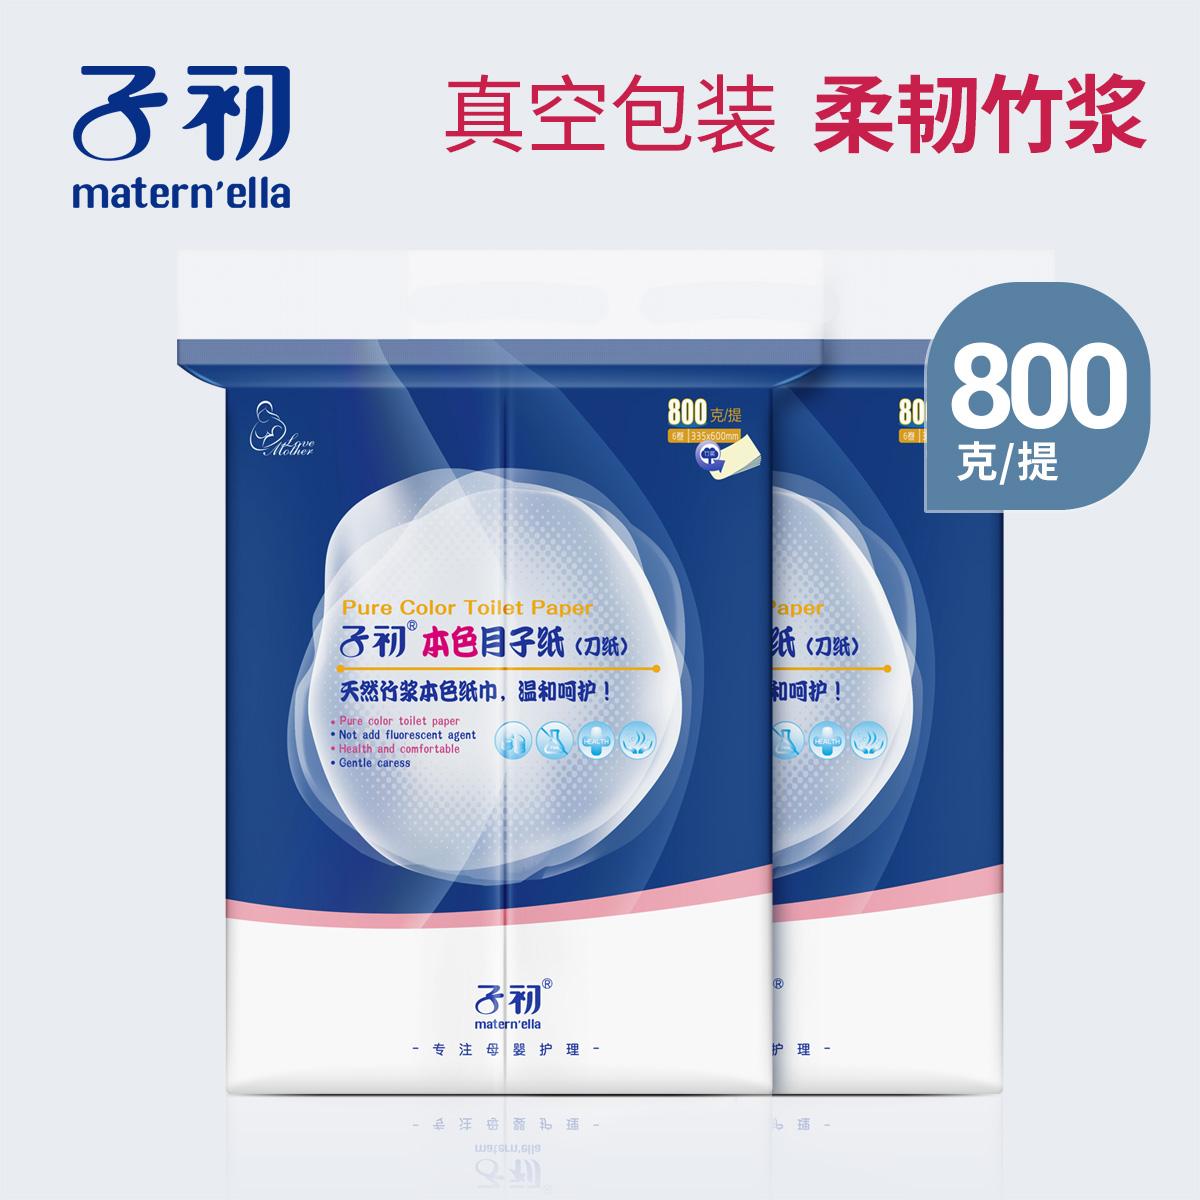 Giấy vệ sinh đặc biệt cho mẹ bẩm sinh, giấy nhốt, giấy cho bà bầu - Nguồn cung cấp tiền sản sau sinh